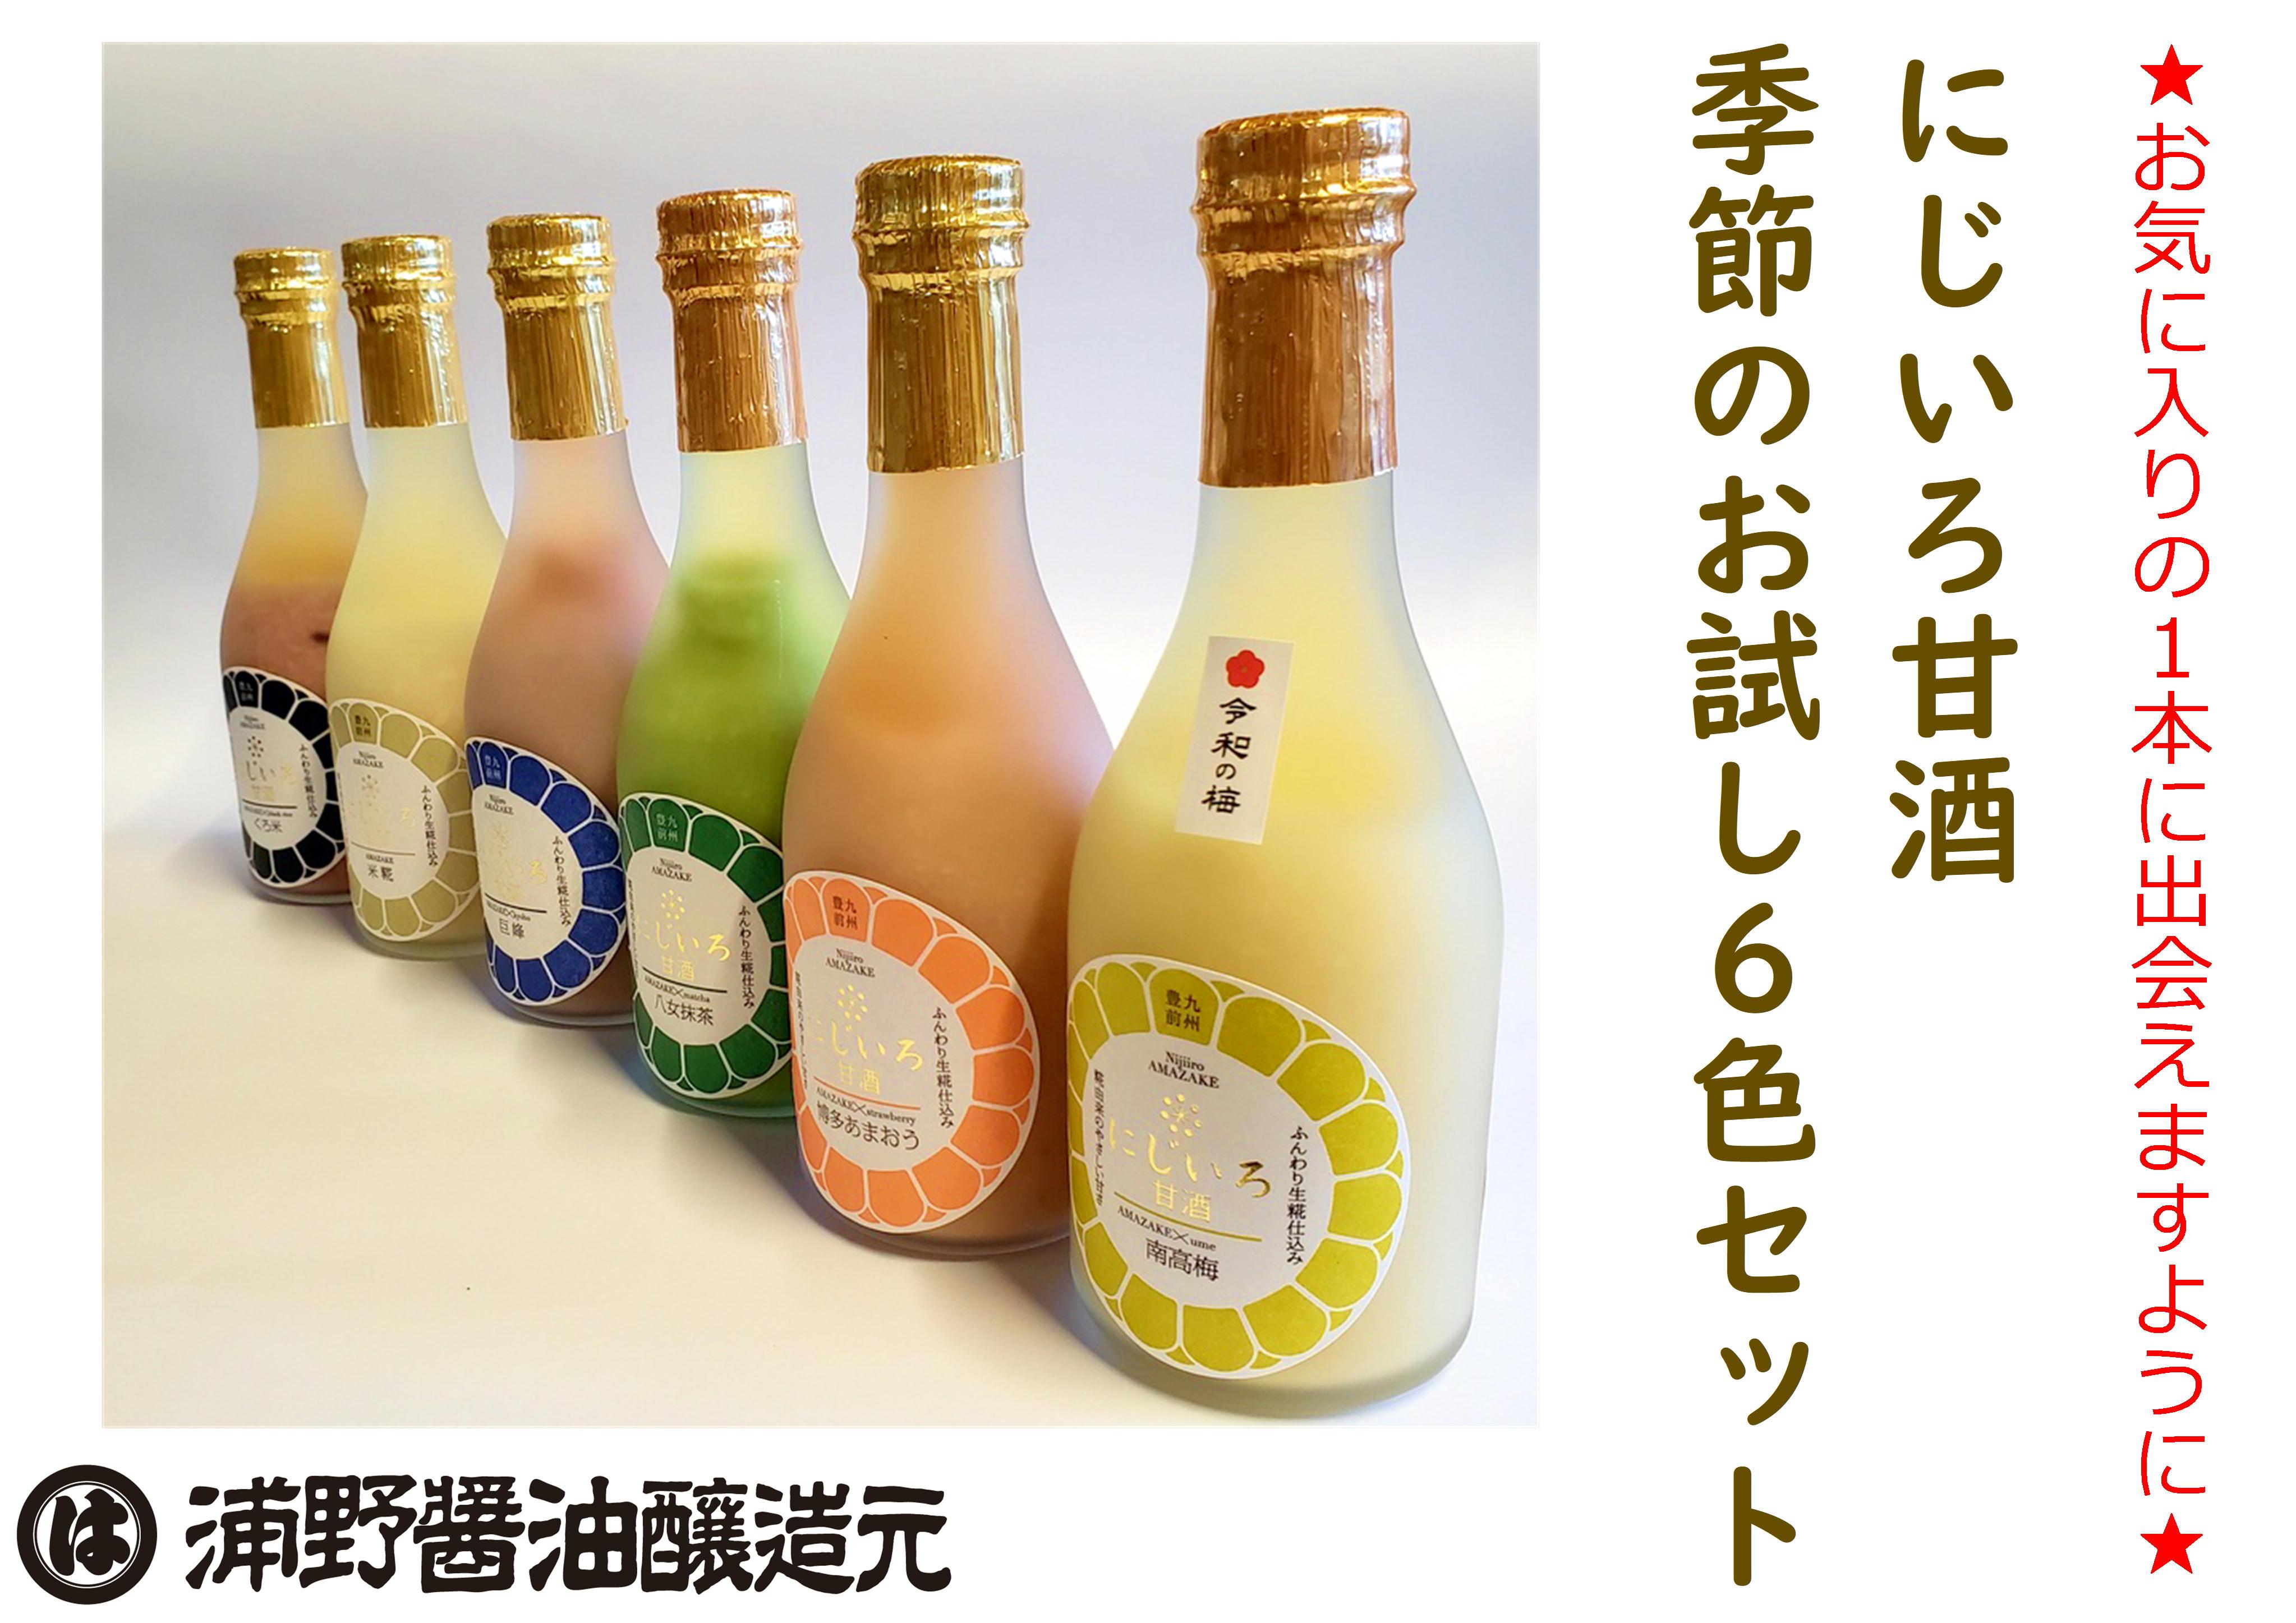 【おすすめ】にじいろ甘酒季節の6色飲み比べセット(巨峰・南高梅・博多あまおう・米糀・黒米・八女抹茶)